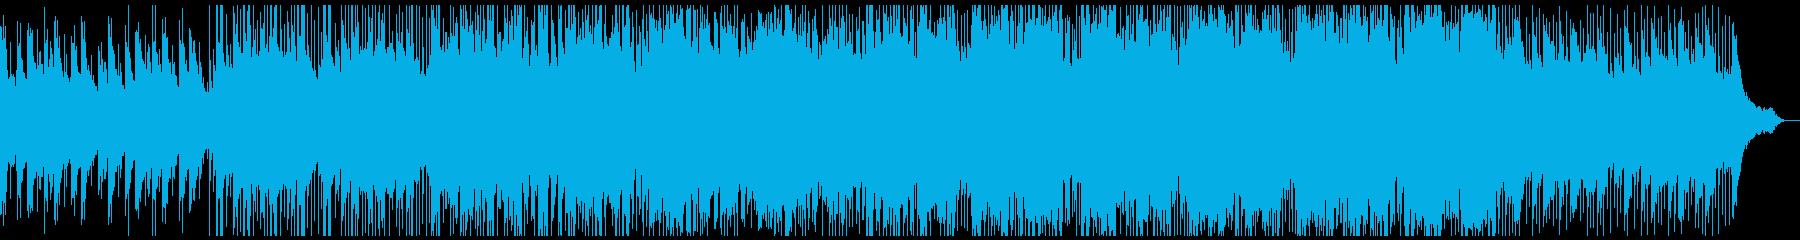 科学と現代技術法人の音楽の再生済みの波形